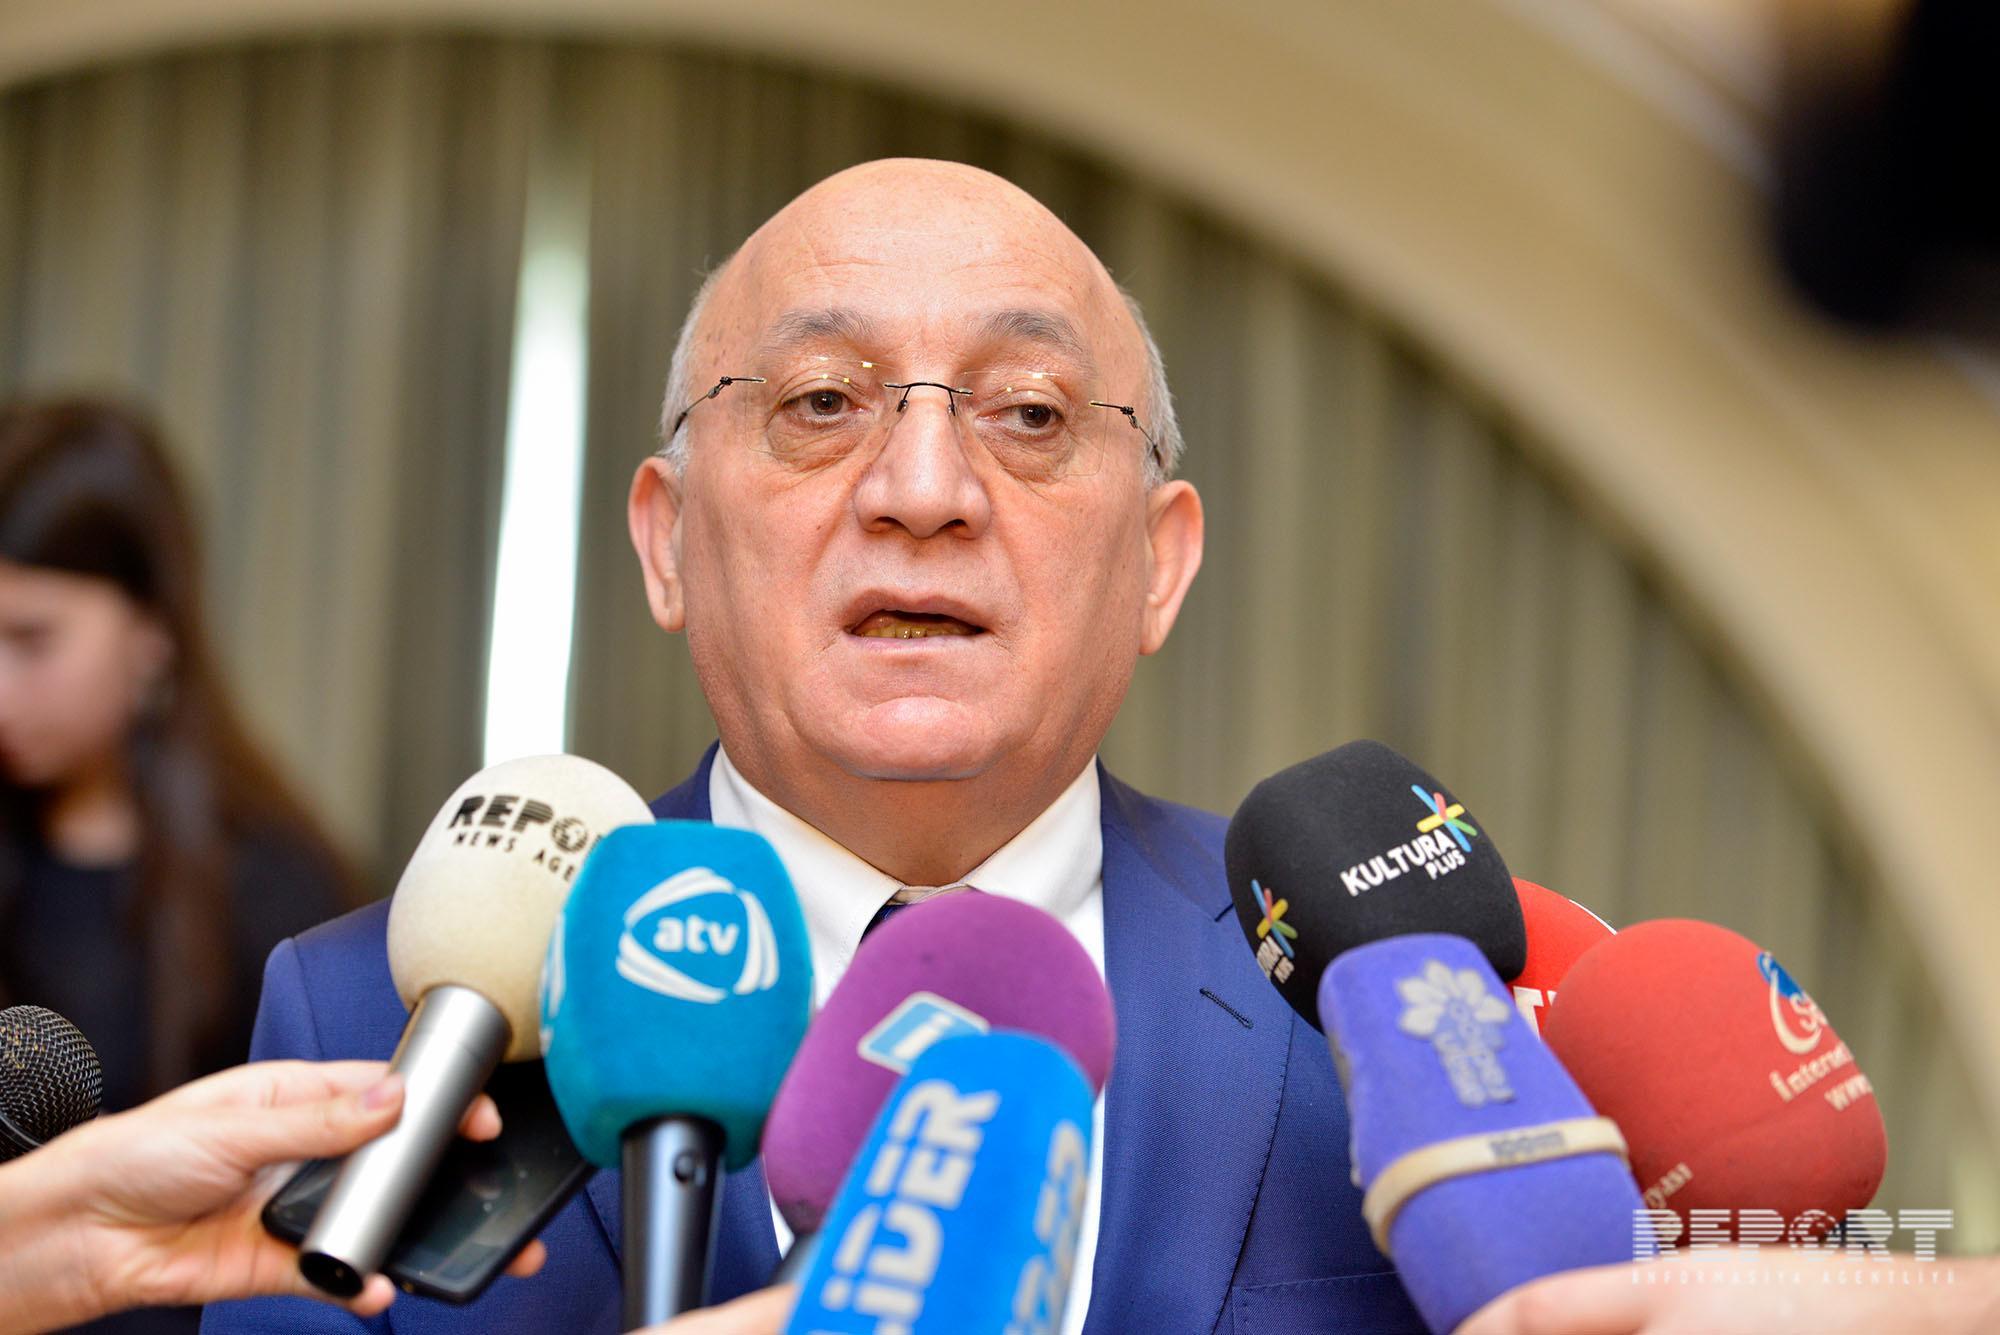 Председатель комитета: В Азербайджане предотвращены укоренение и расширение радикальных групп в той или иной форме